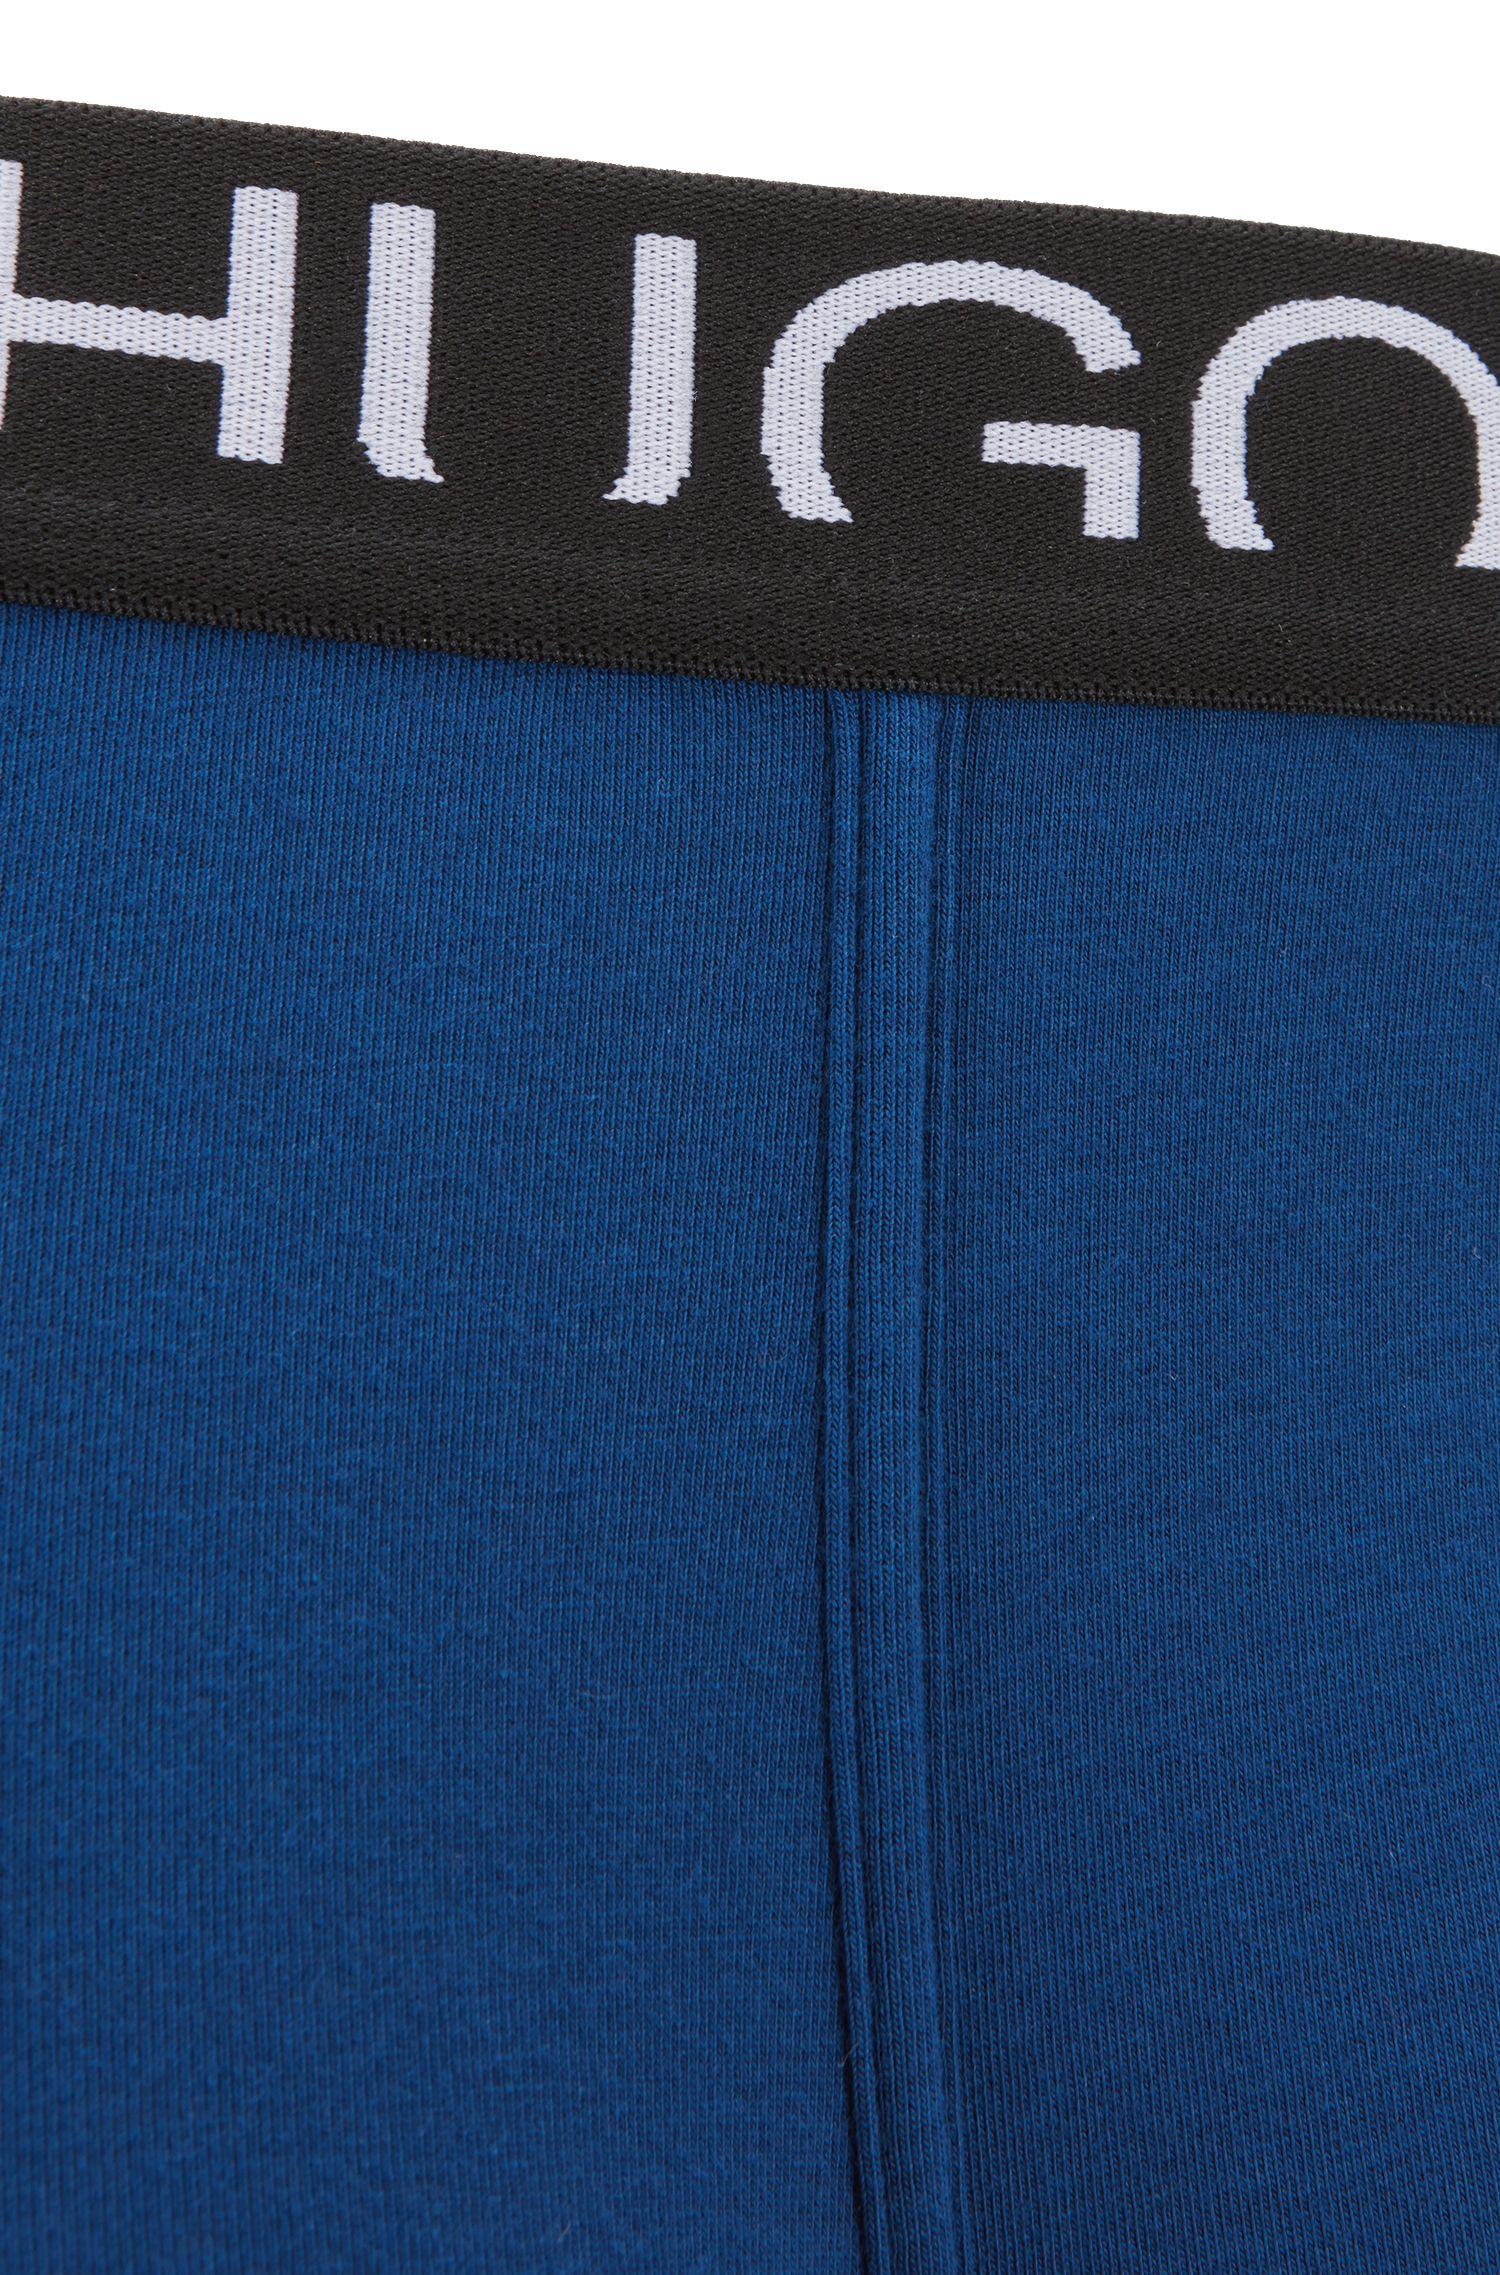 Boxershort van single jersey met afgesneden logo, Blauw